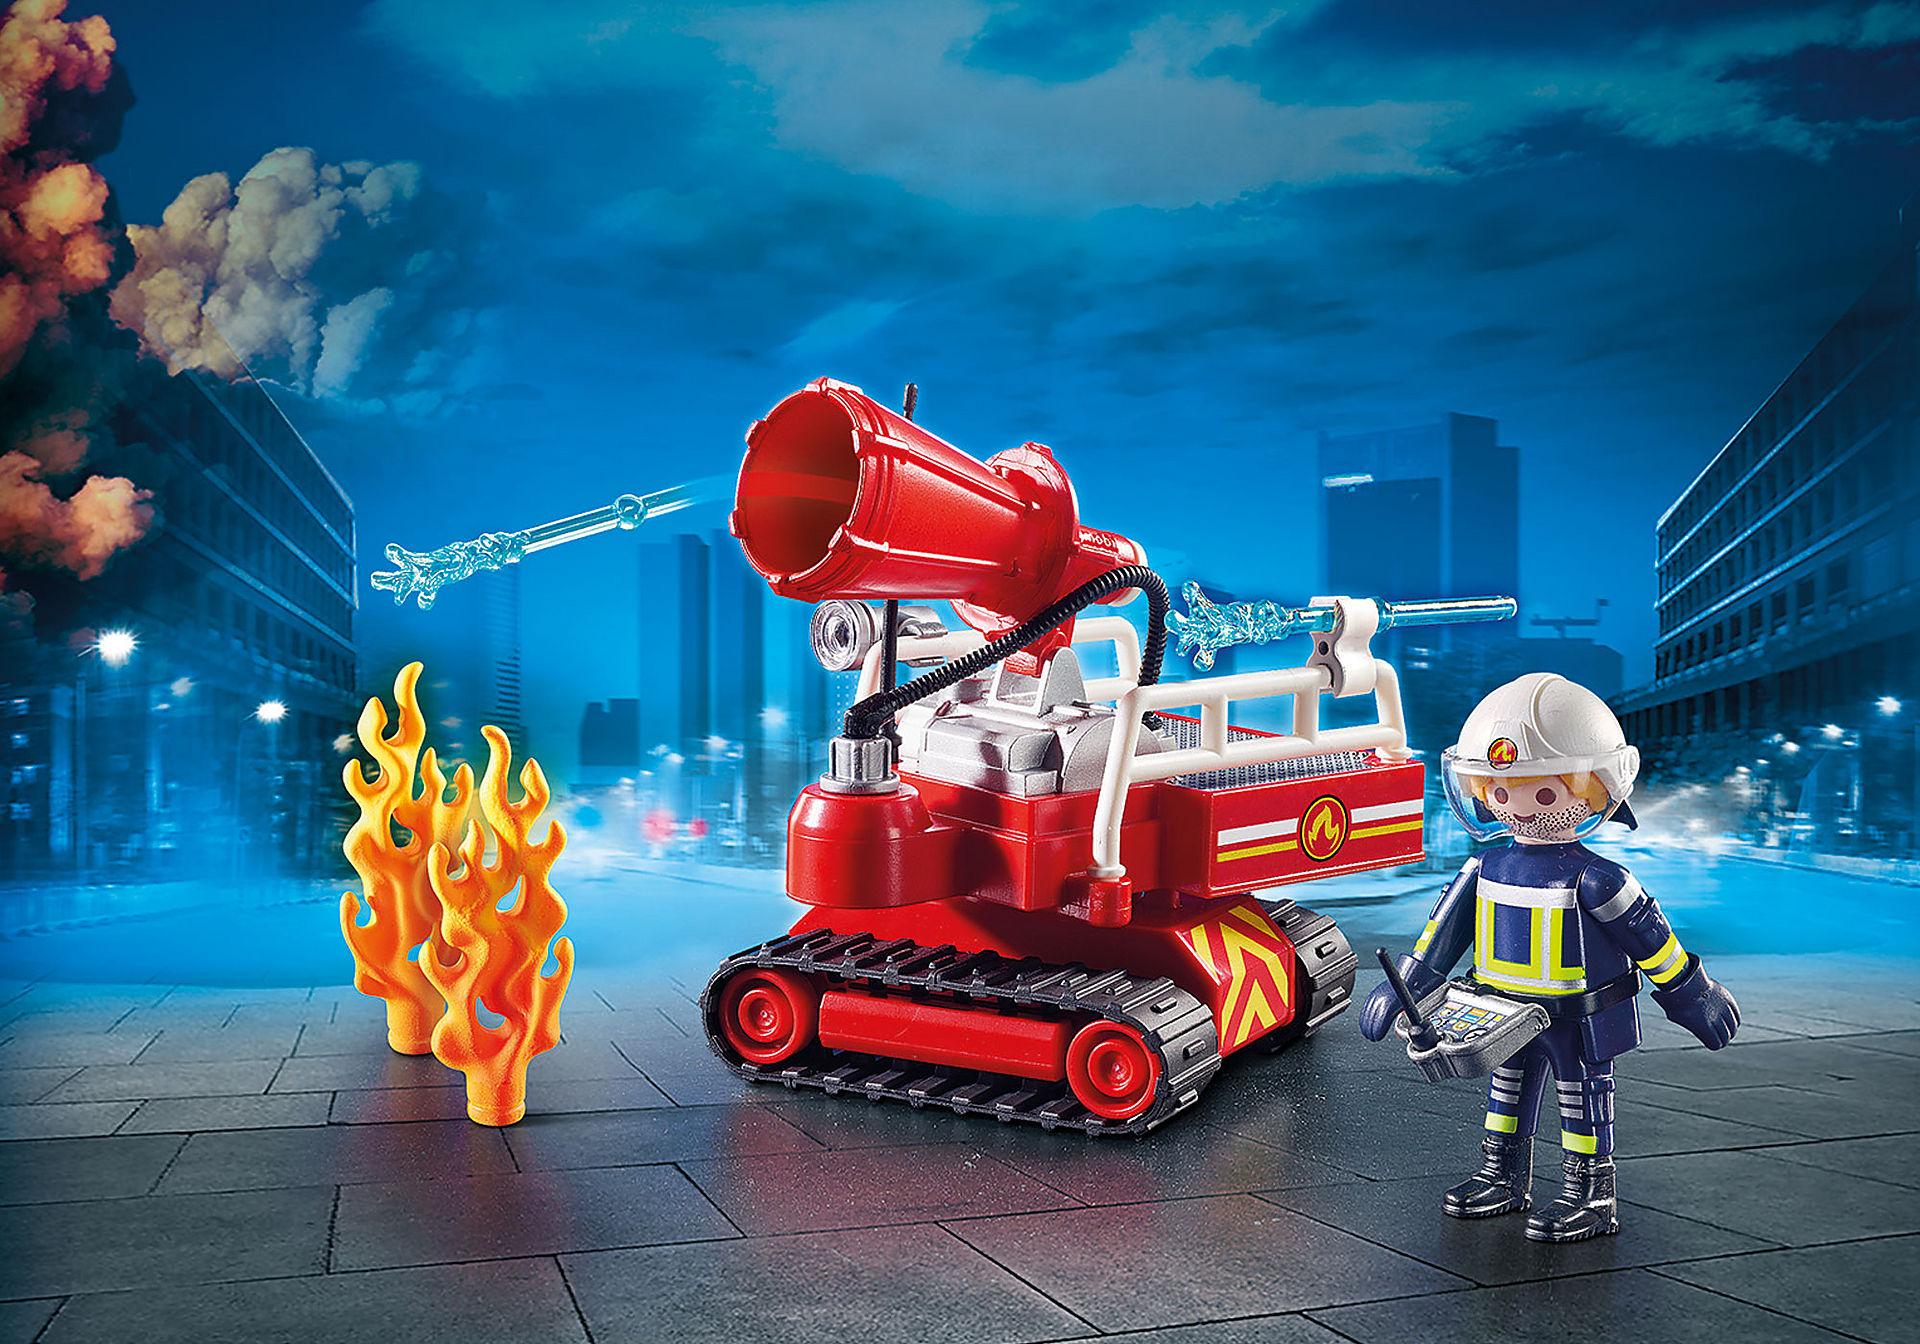 9467 Πυροσβεστικό κανόνι νερού με χειριστή zoom image1